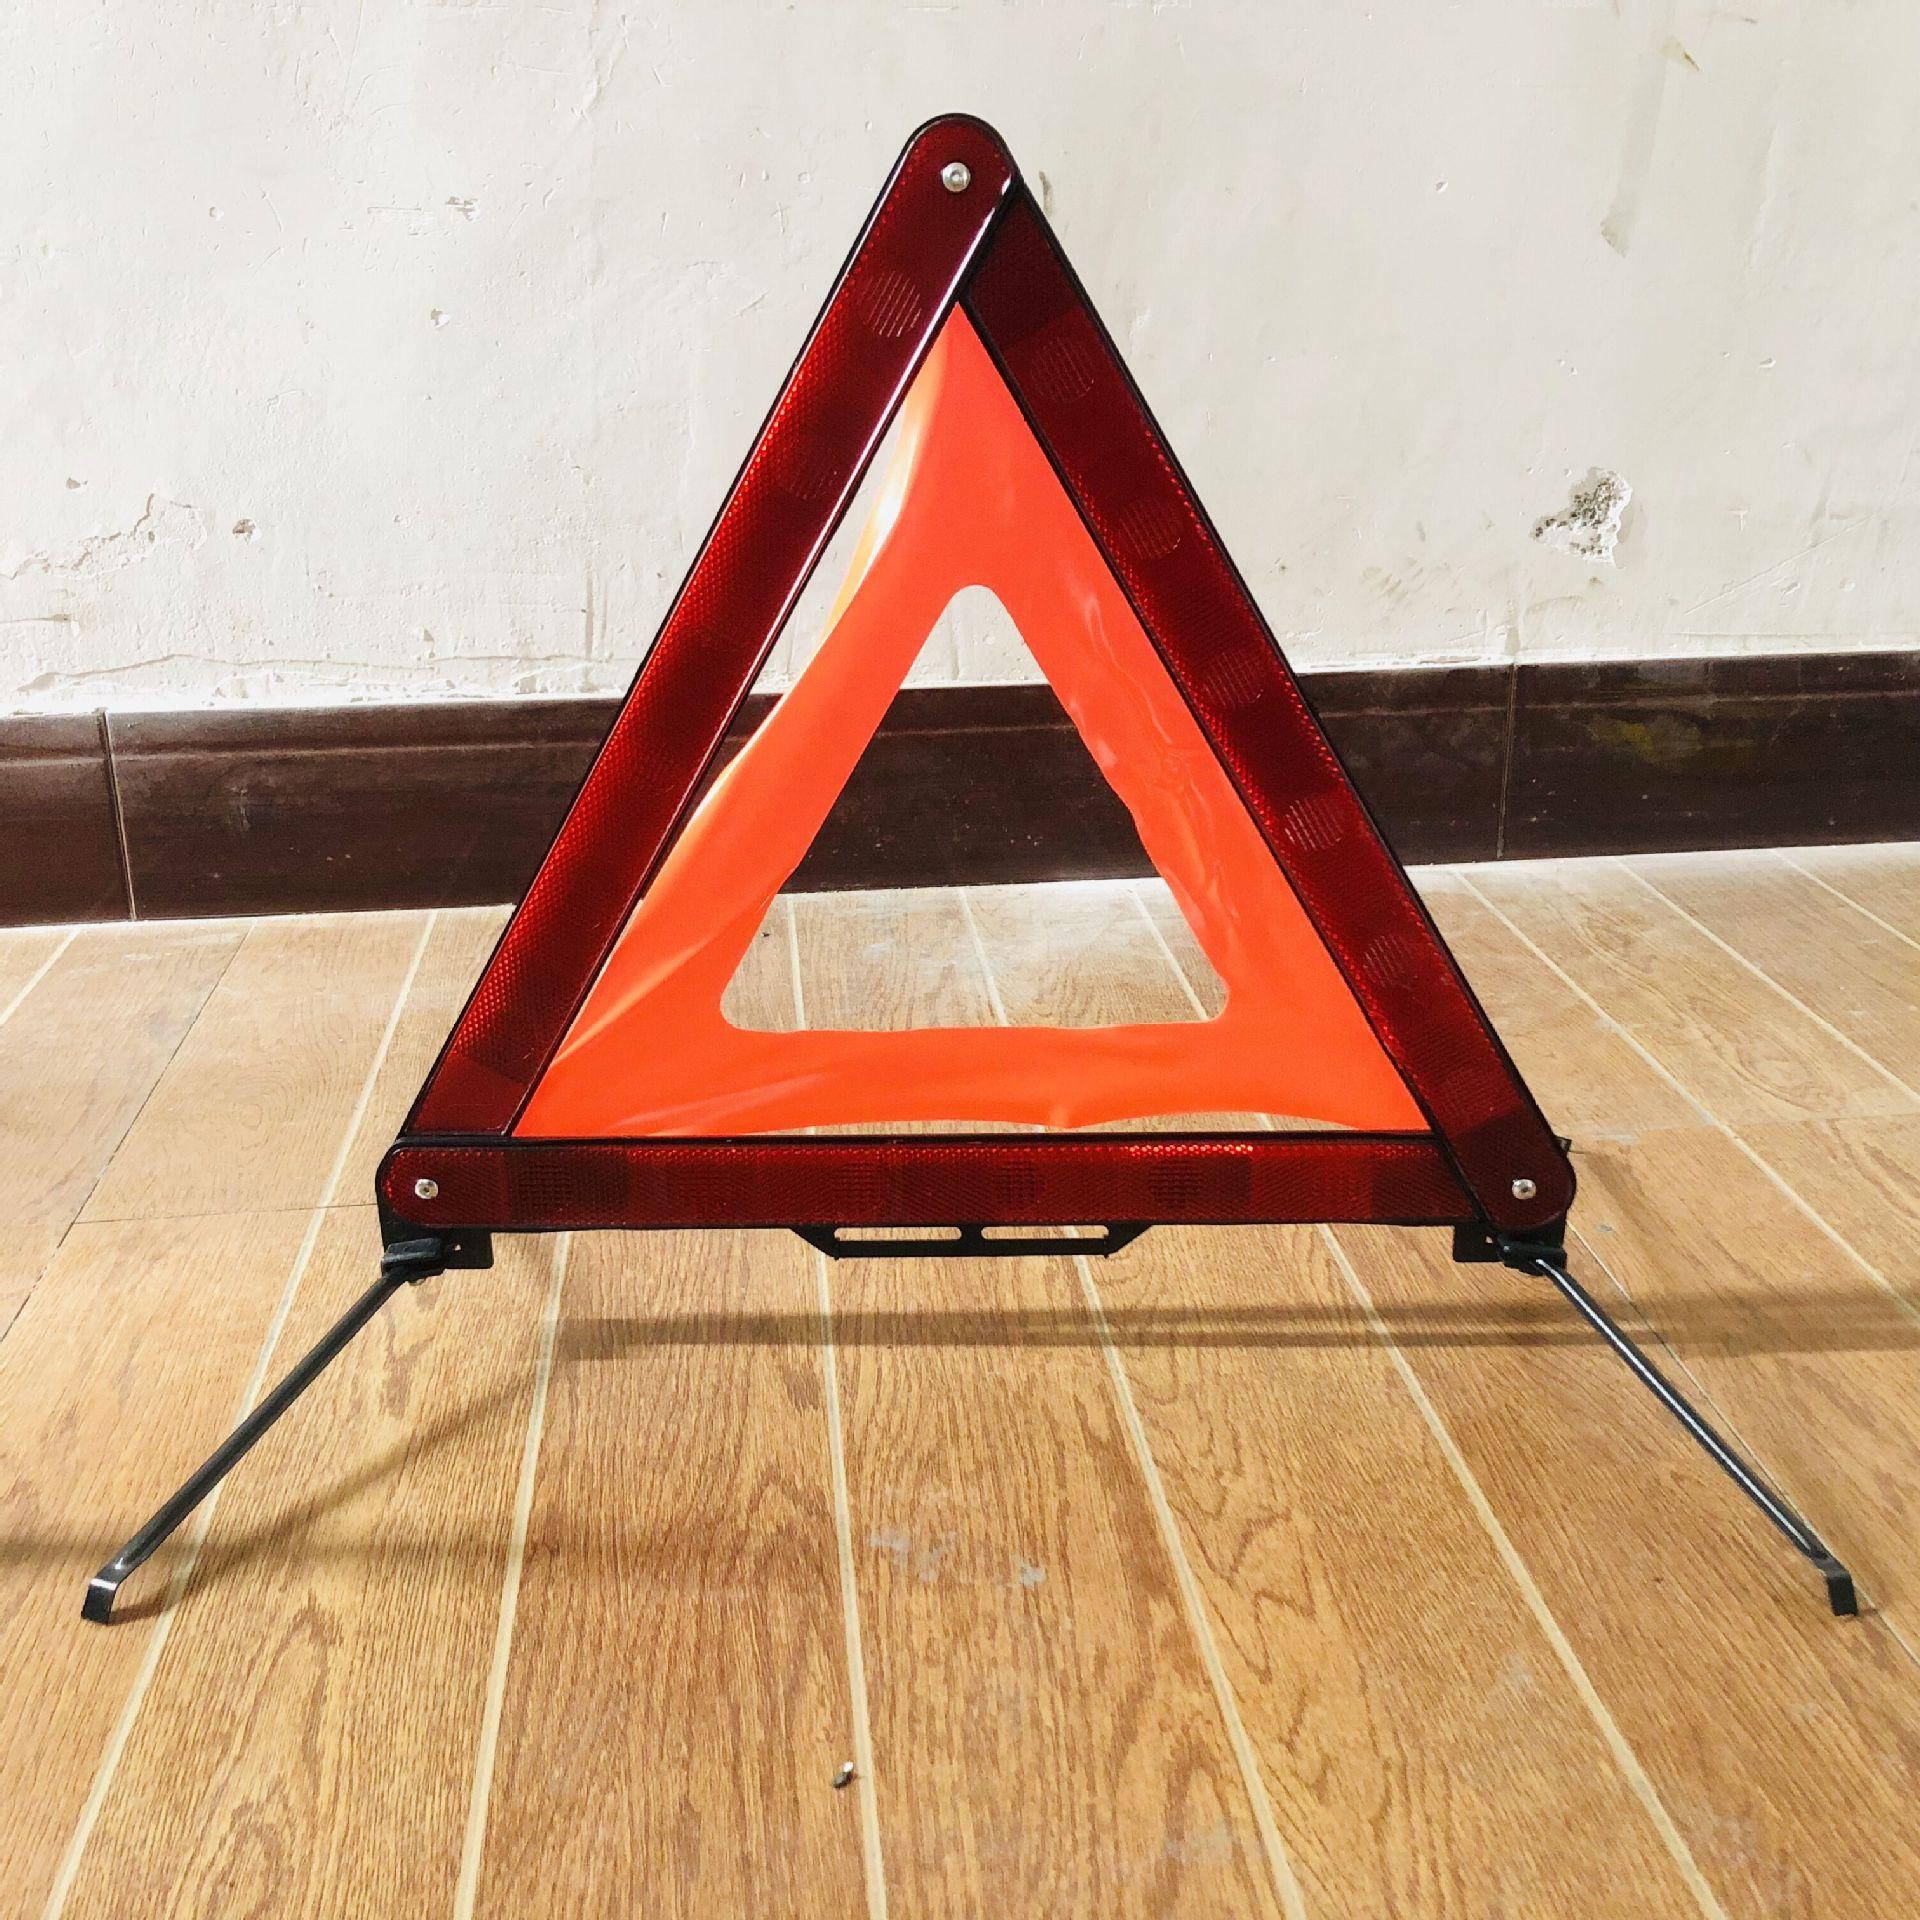 汽车三角警示牌三脚架车用故障反光停车安全国标 三角架